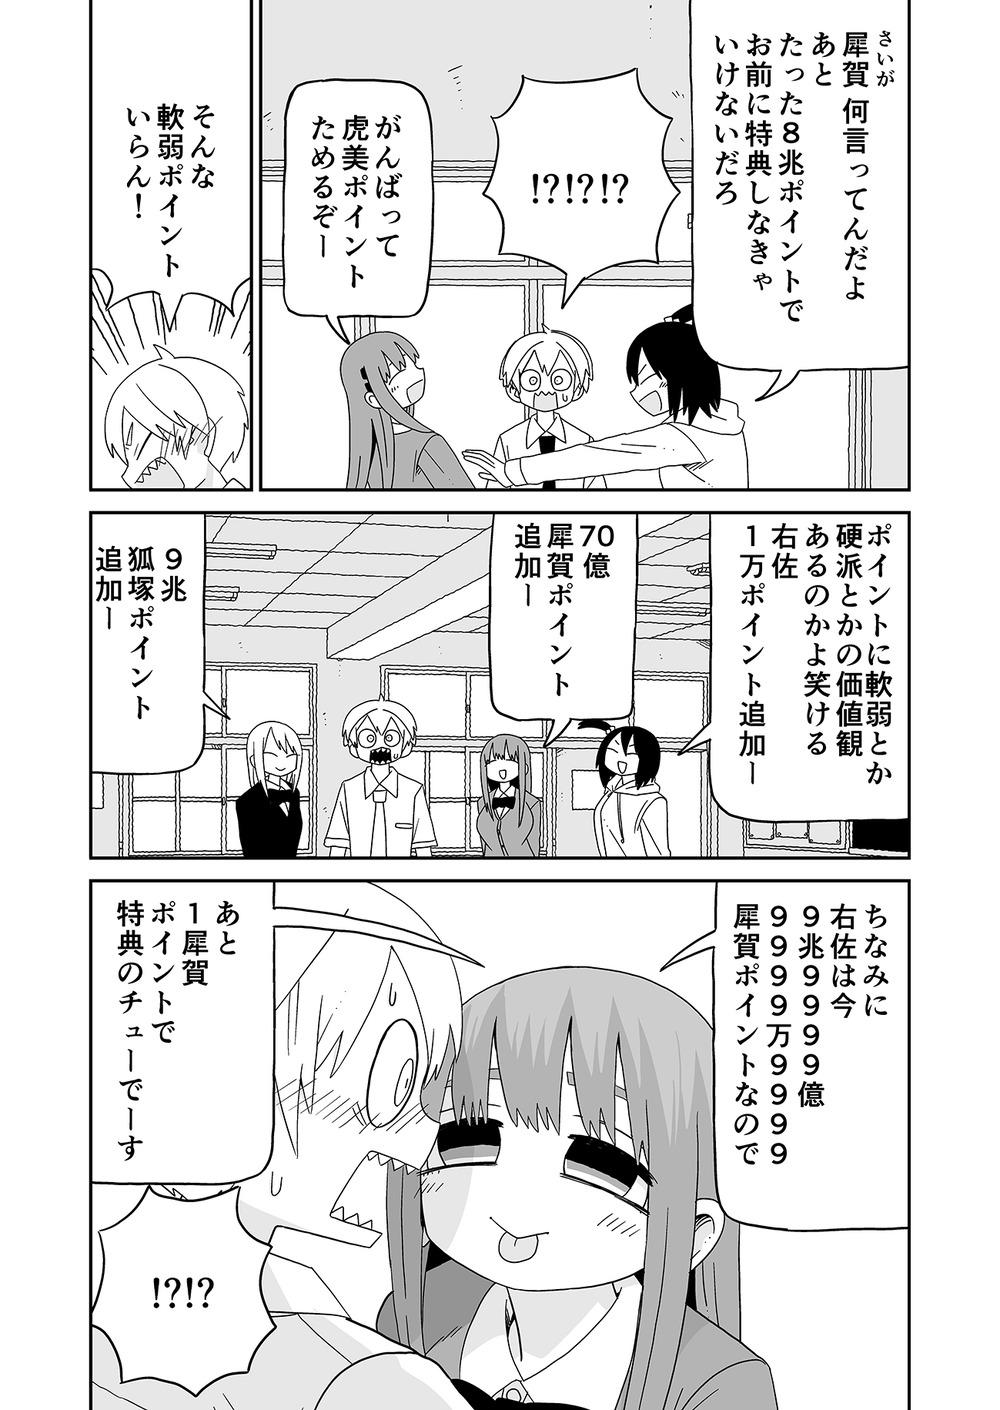 潮舞データオマケ30009